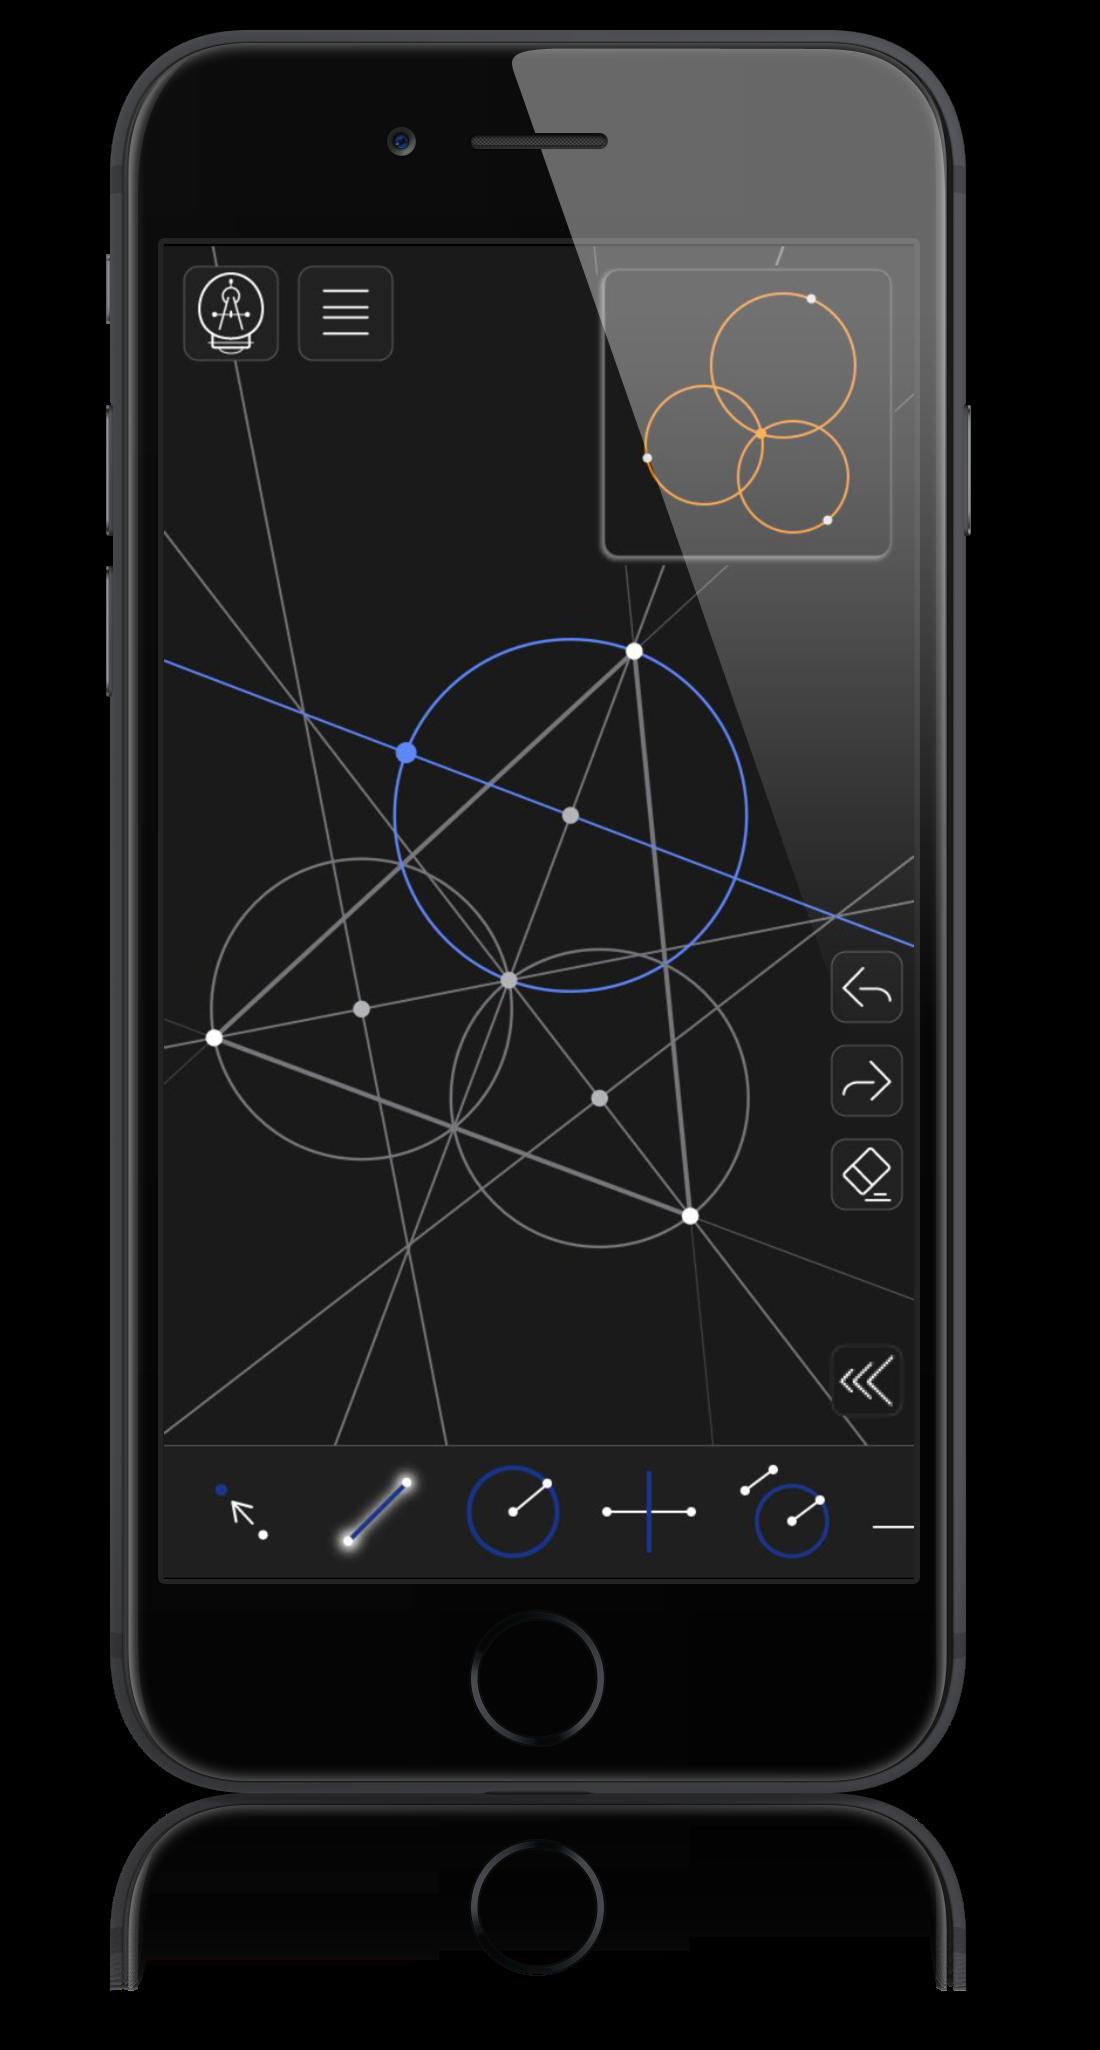 геометрия построения геометрические механика математика чертежи геометрические построения циркуль линейка параллель к окружности евклидовы построения geometrywork